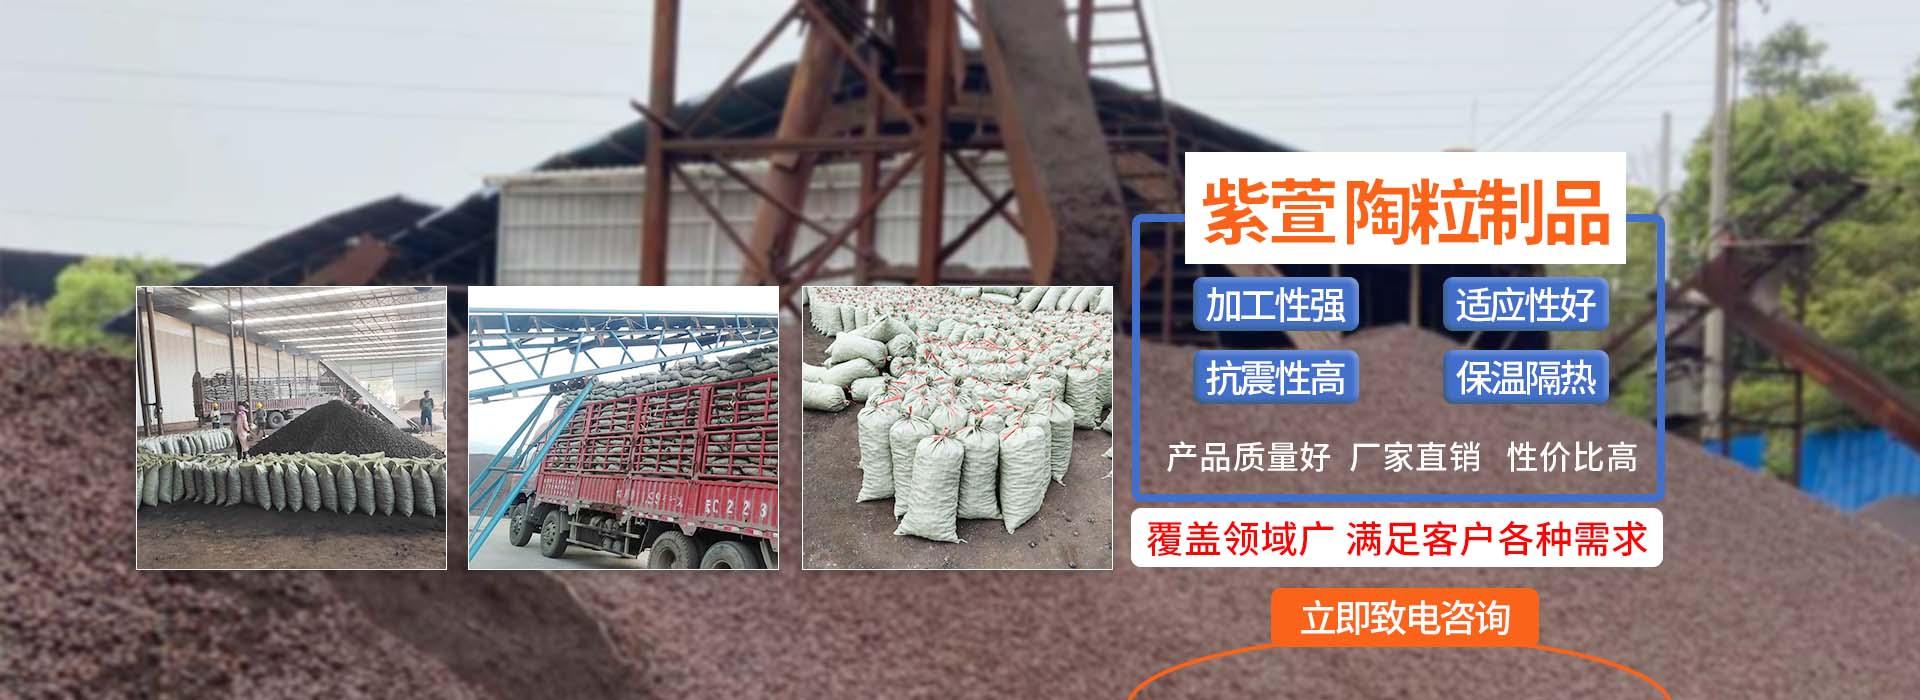 陶粒生产厂家